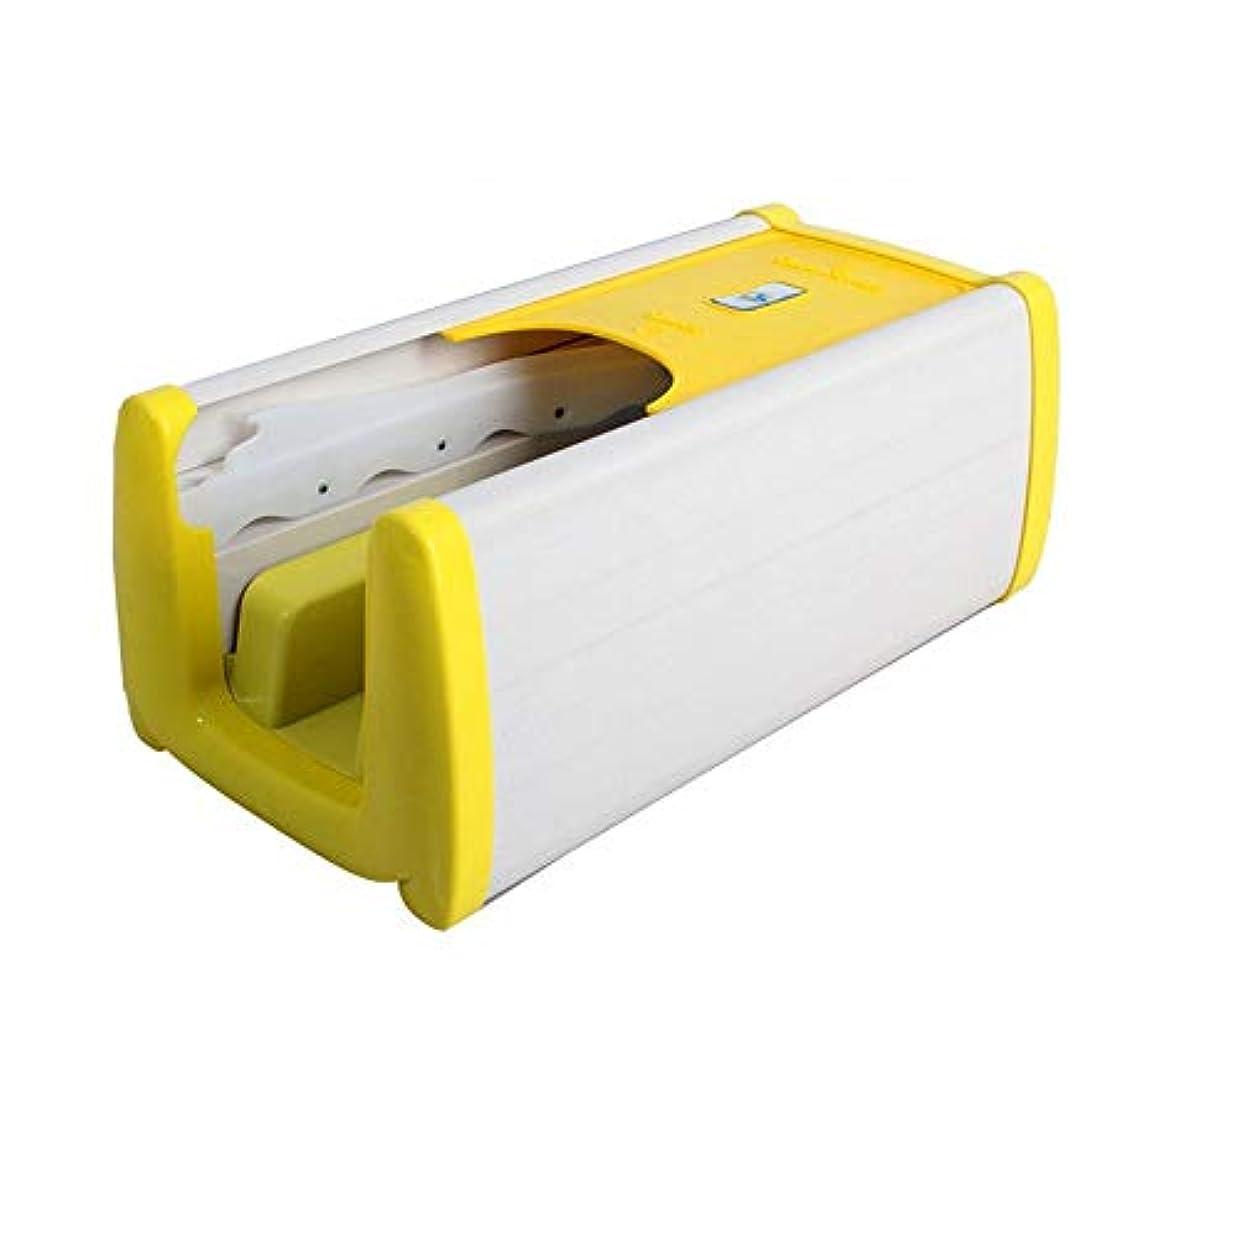 ティッシュサイドボード海港家庭用靴カバーマシン連続自動靴カバーマシンドラッグ型オーバーシューズマシンホームオフィス自己使用の小さな環境保護 (Color : Yellow)